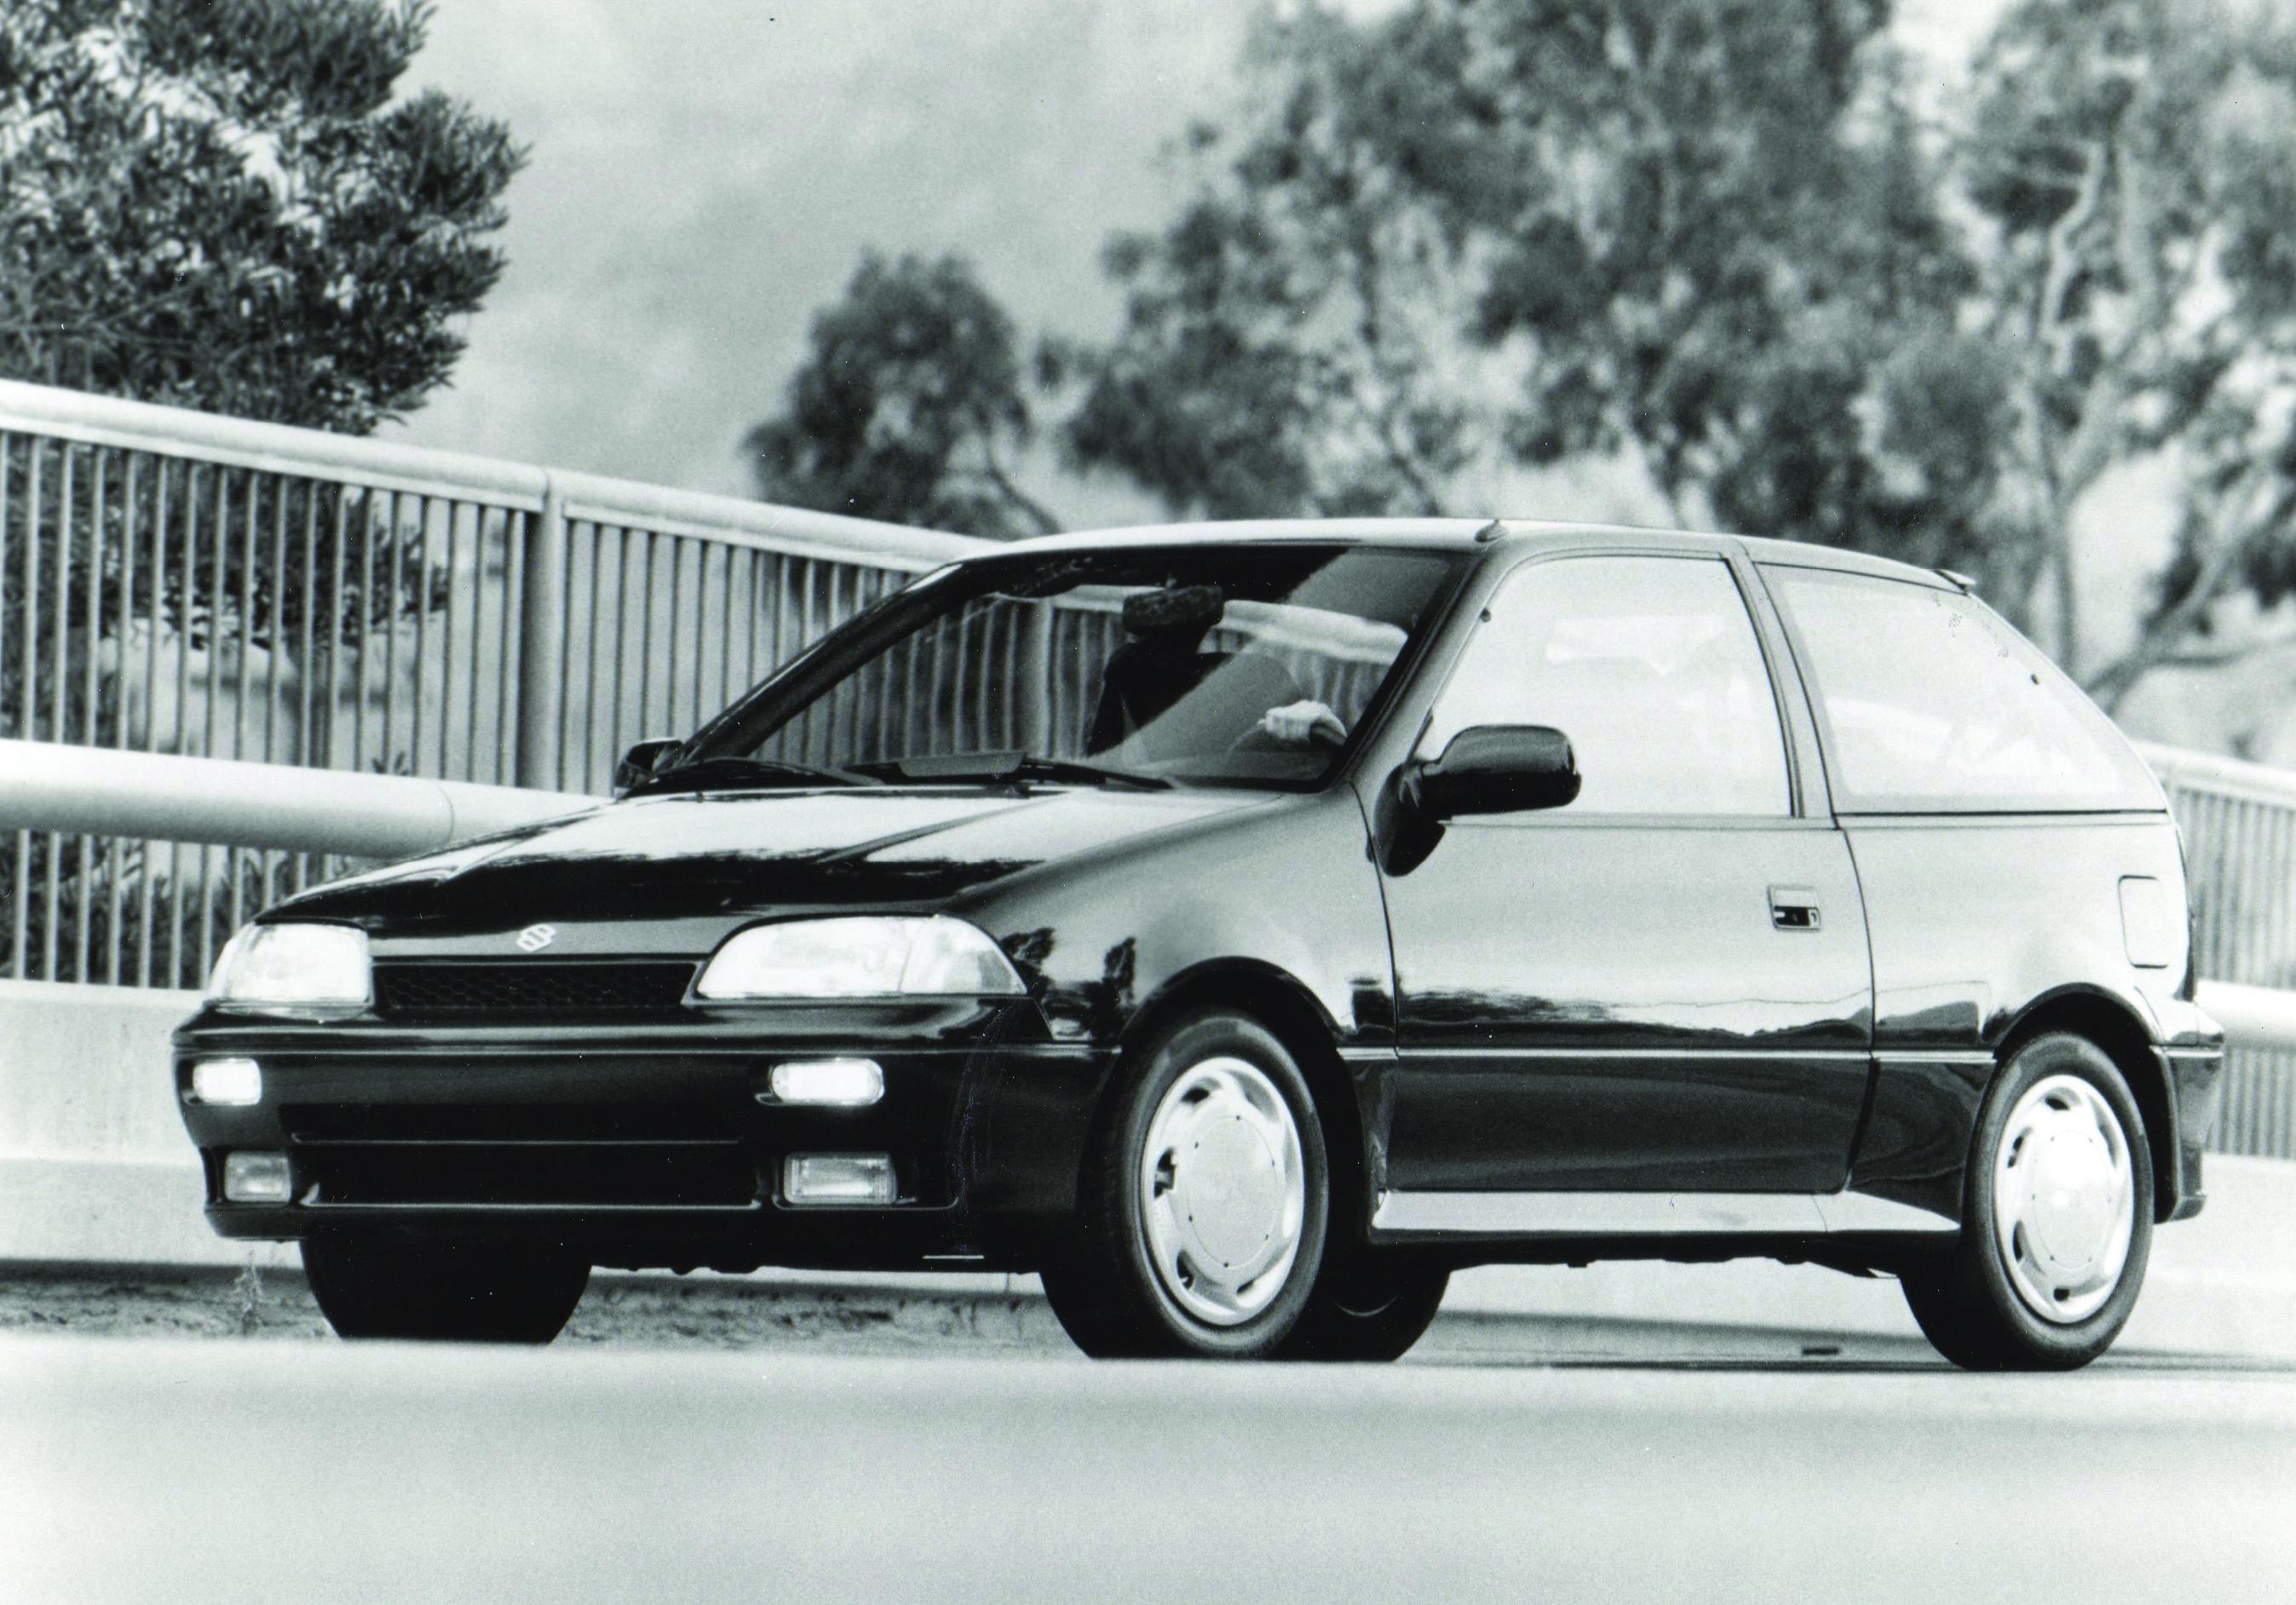 Vintage Views: Suzuki Swift | Articles | Grassroots Motorsports